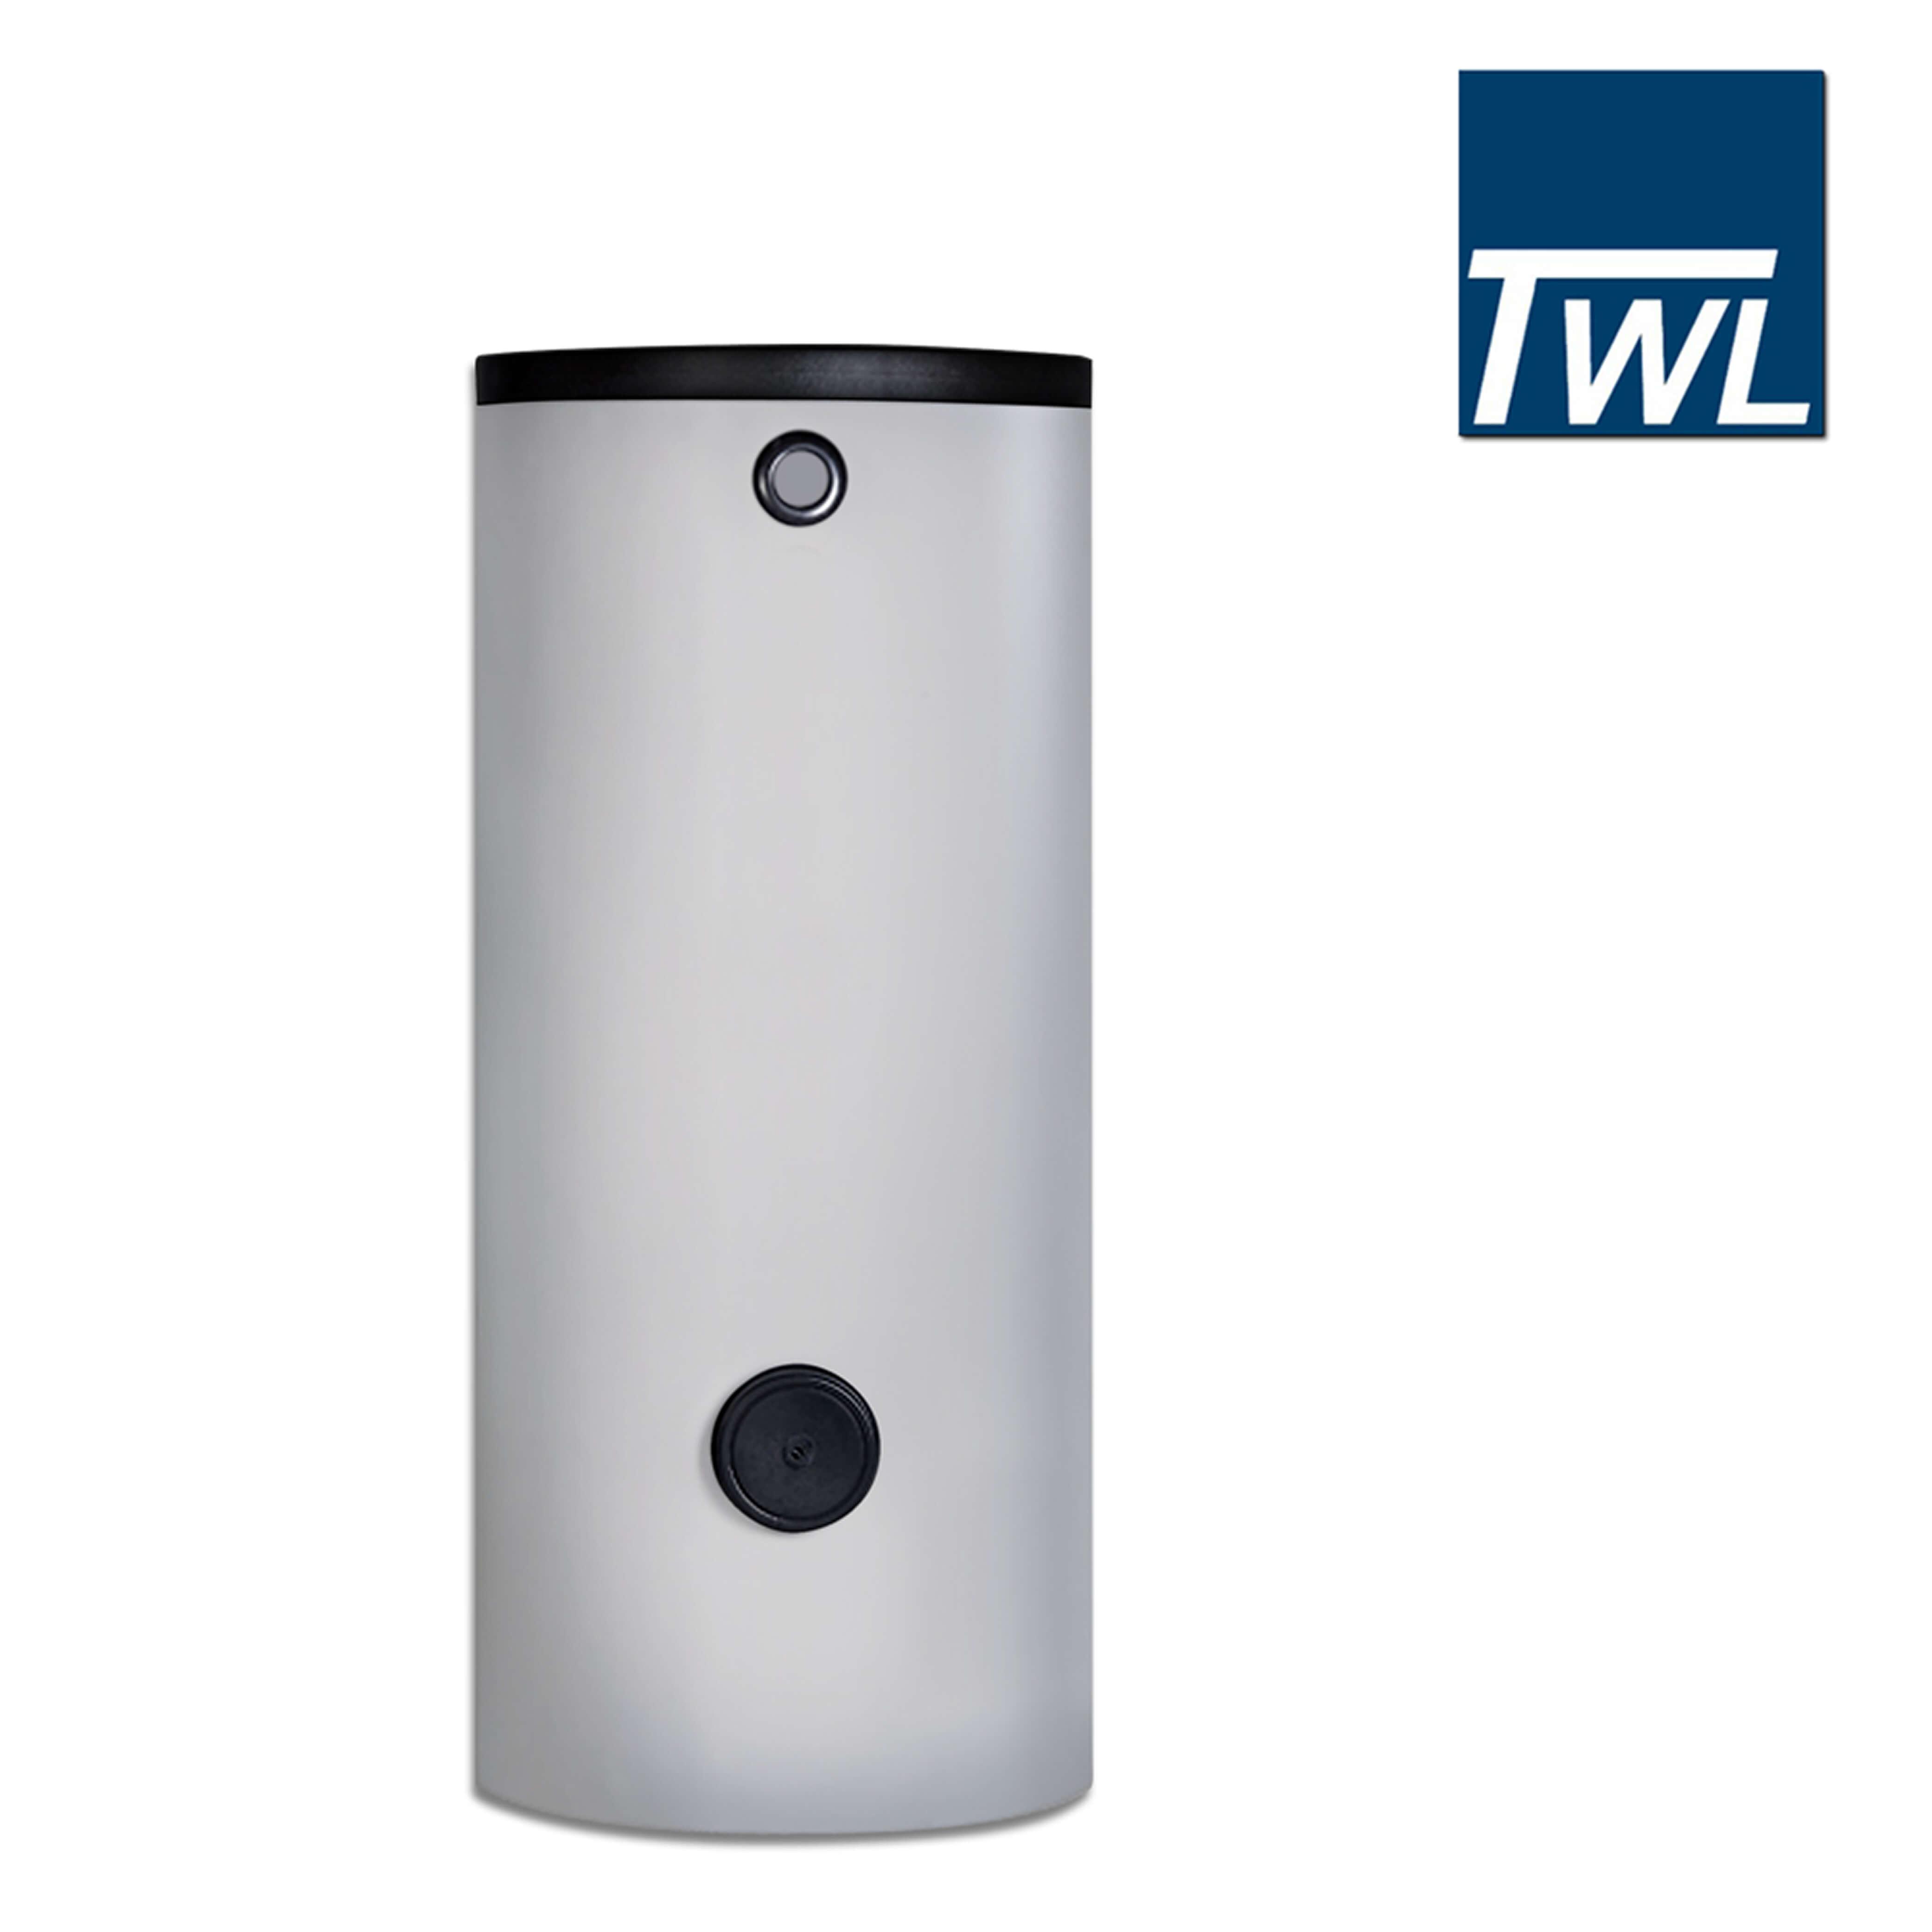 200 Liter TWL Puffer, Pufferspeicher Typ P 200 (Speichertechnik ...